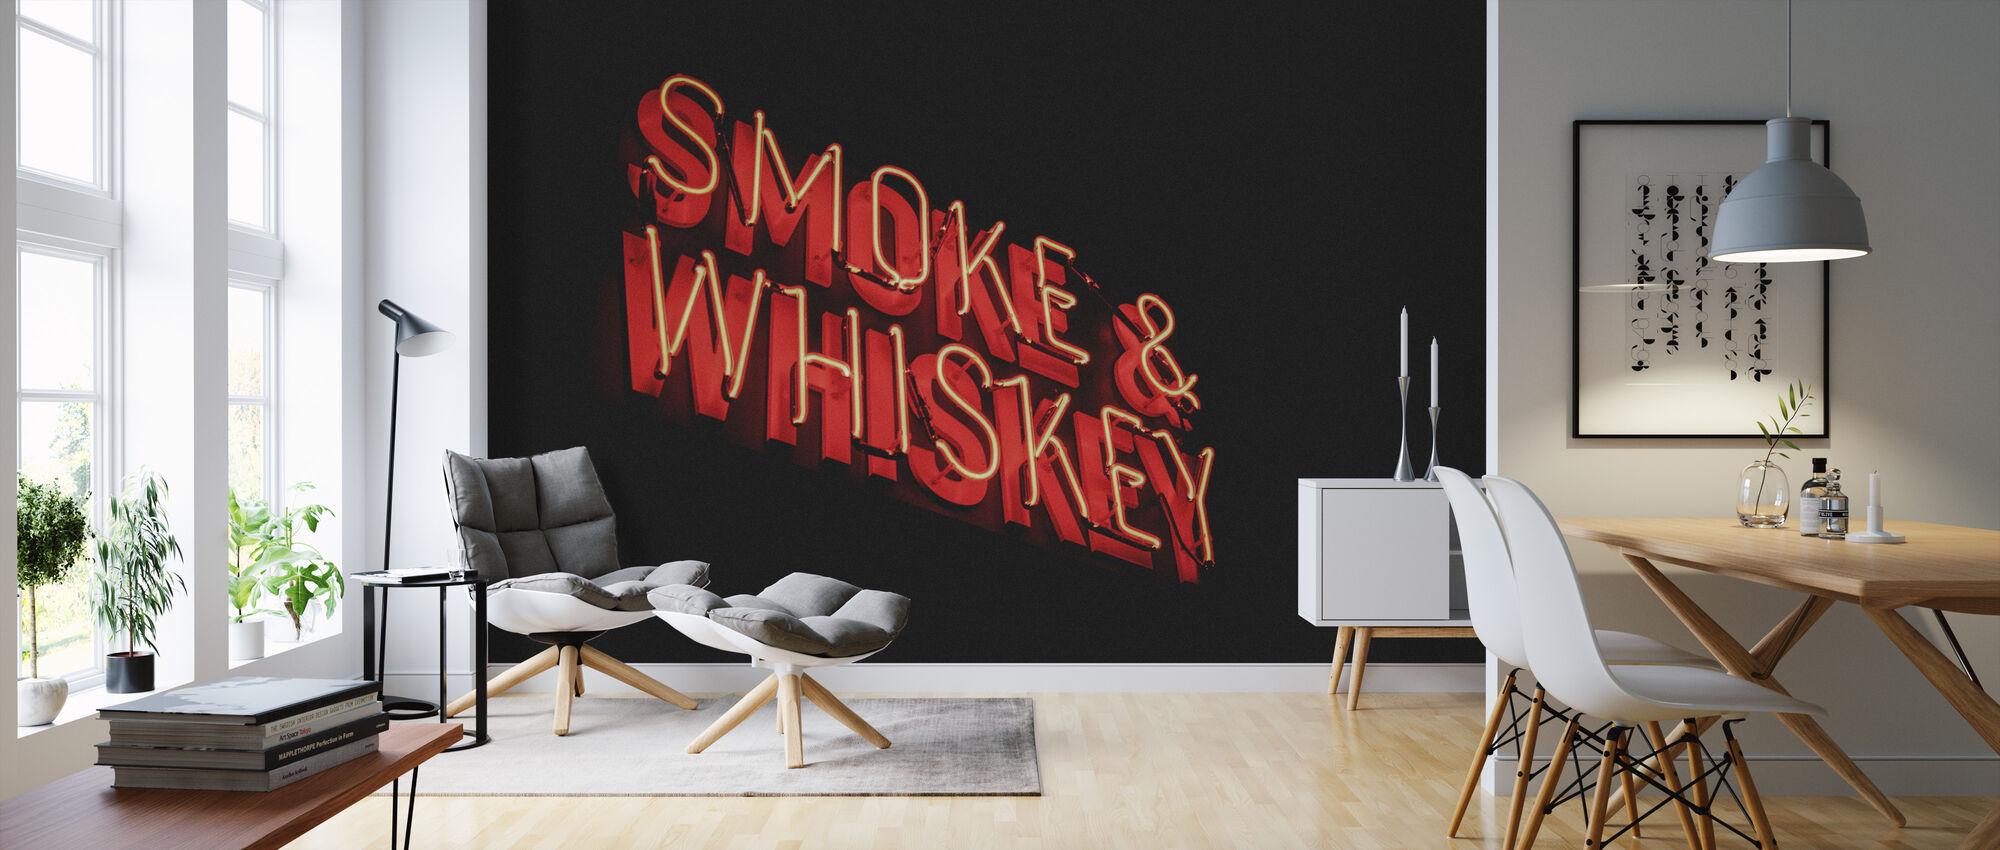 Røg og Whisky - Tapet - Stue